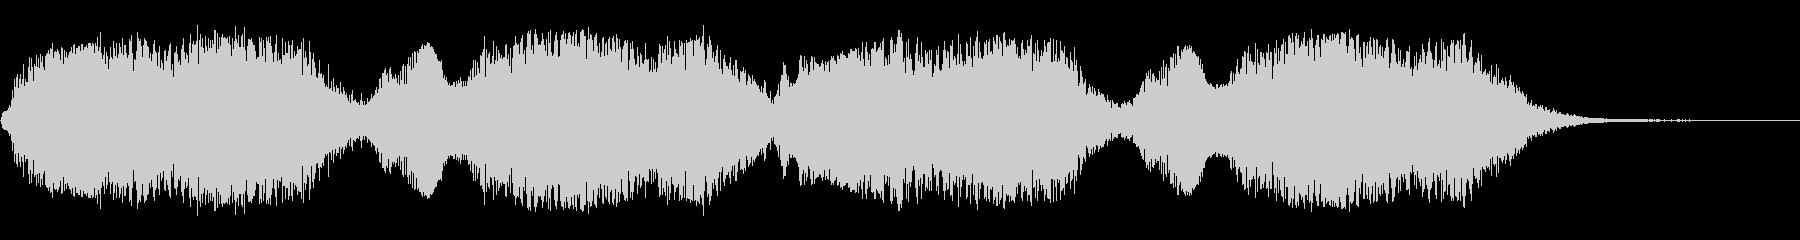 ジュワ〜ン(暗雲、どよめく、異様、魔界)の未再生の波形